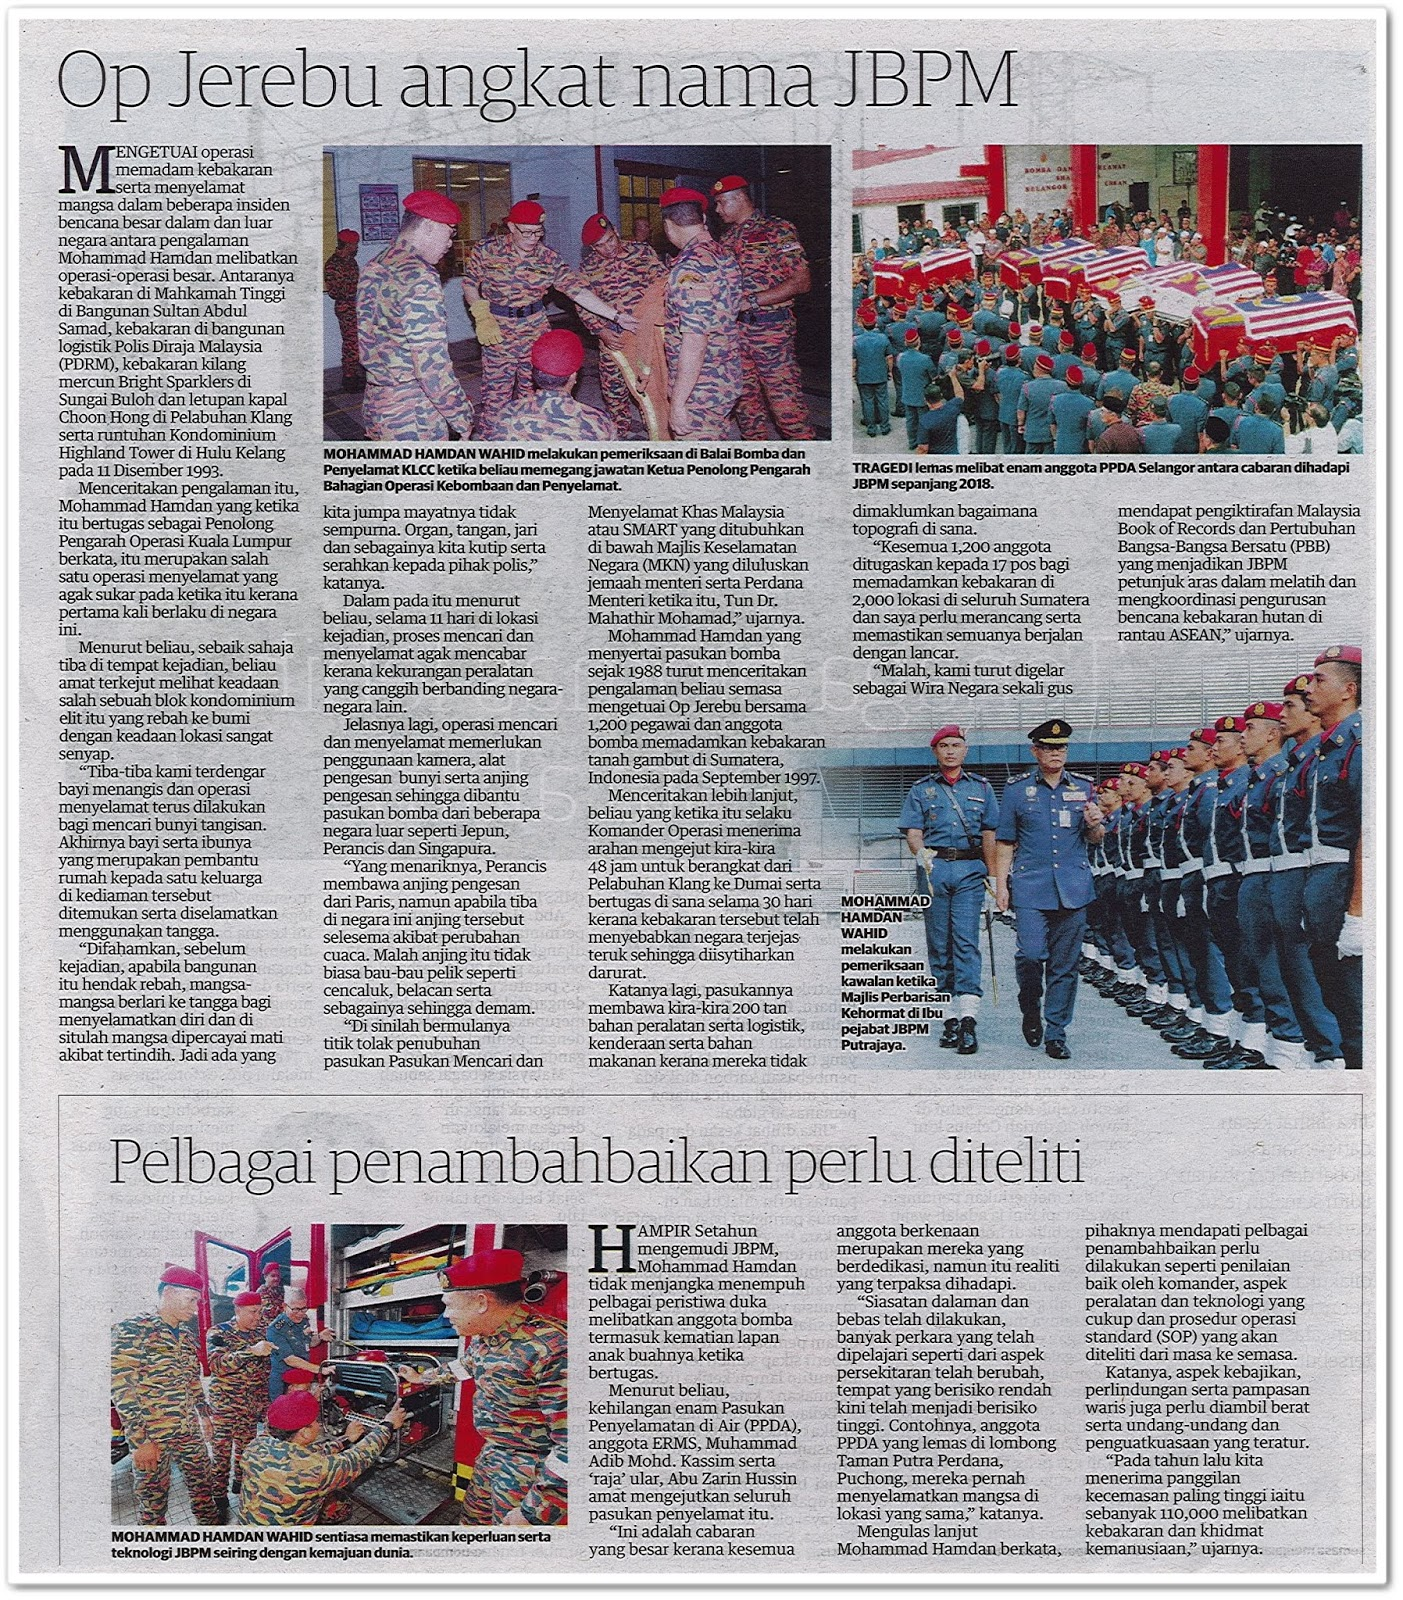 Wira Pembangunan JBPM - Keratan akhbar Utusan Malaysia 7 Mac 2019